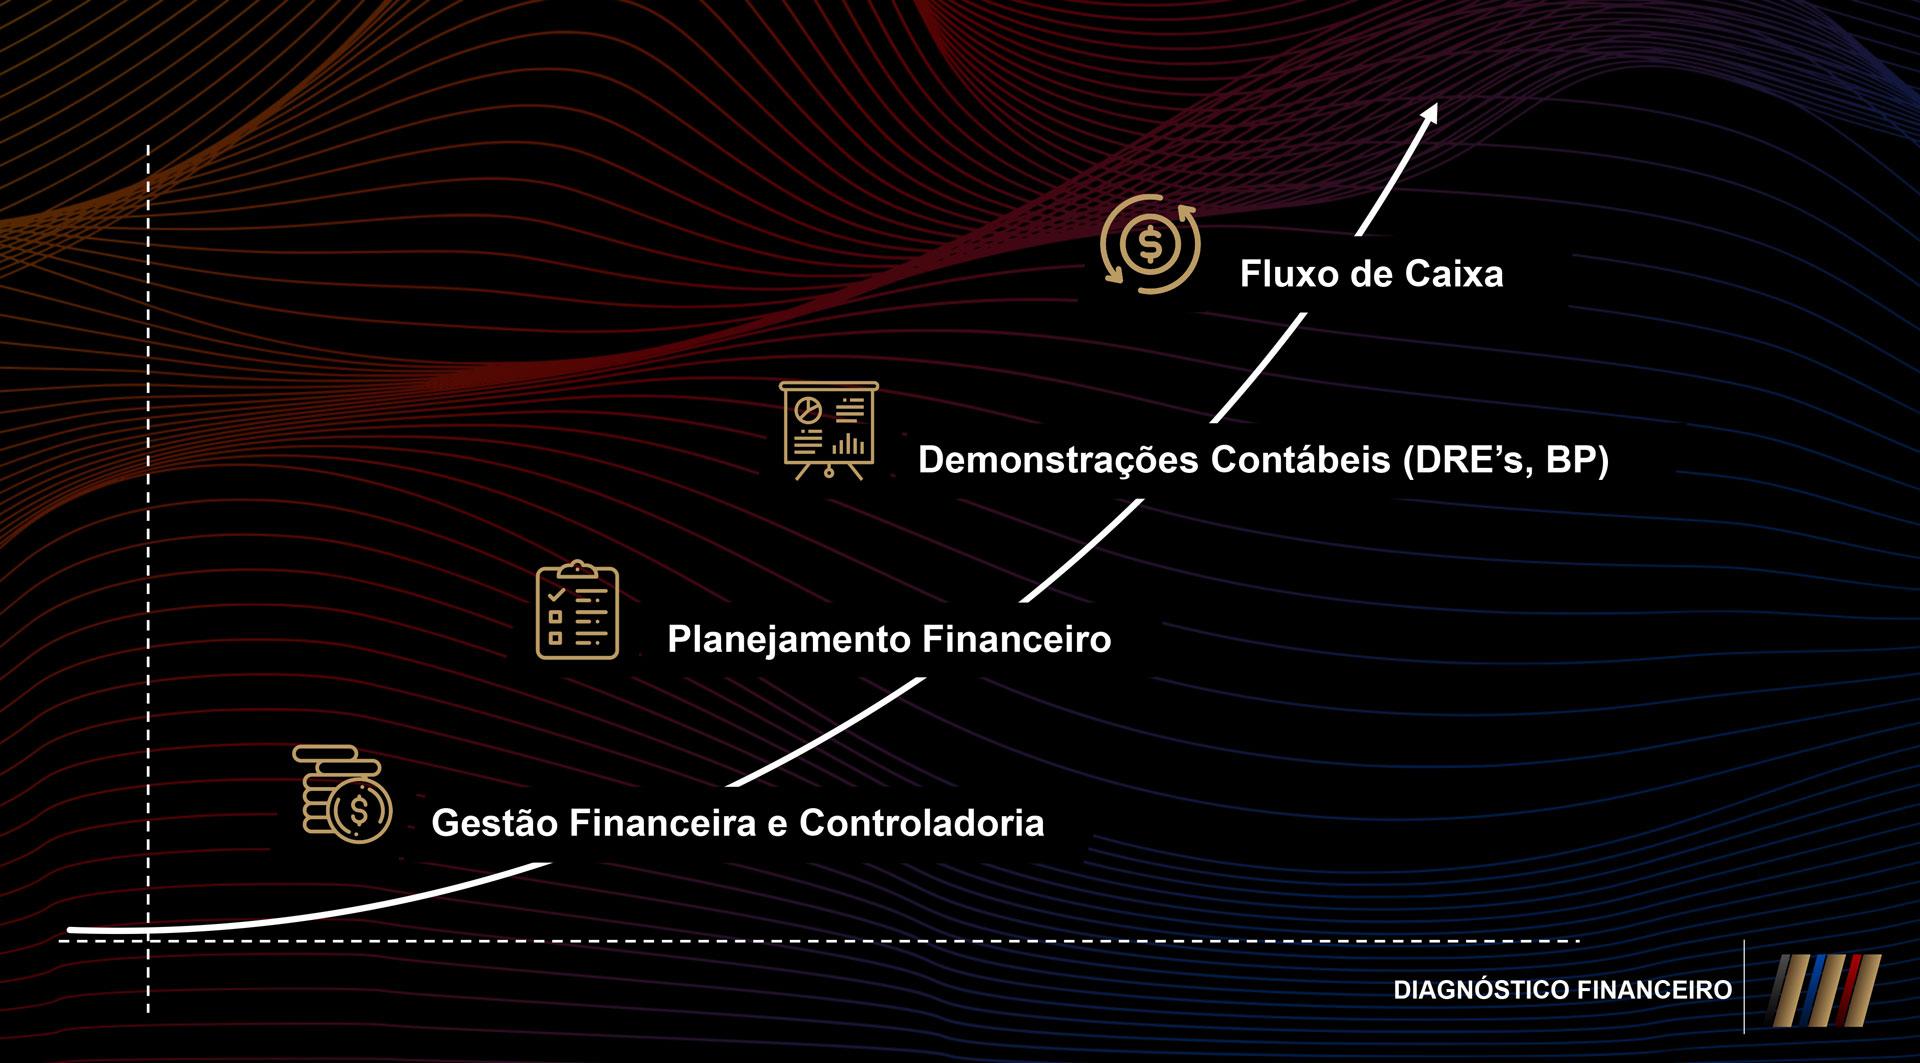 Tudo começa com a estruturação da visão do negócio, montando um retrato da situação financeira atual da empresa